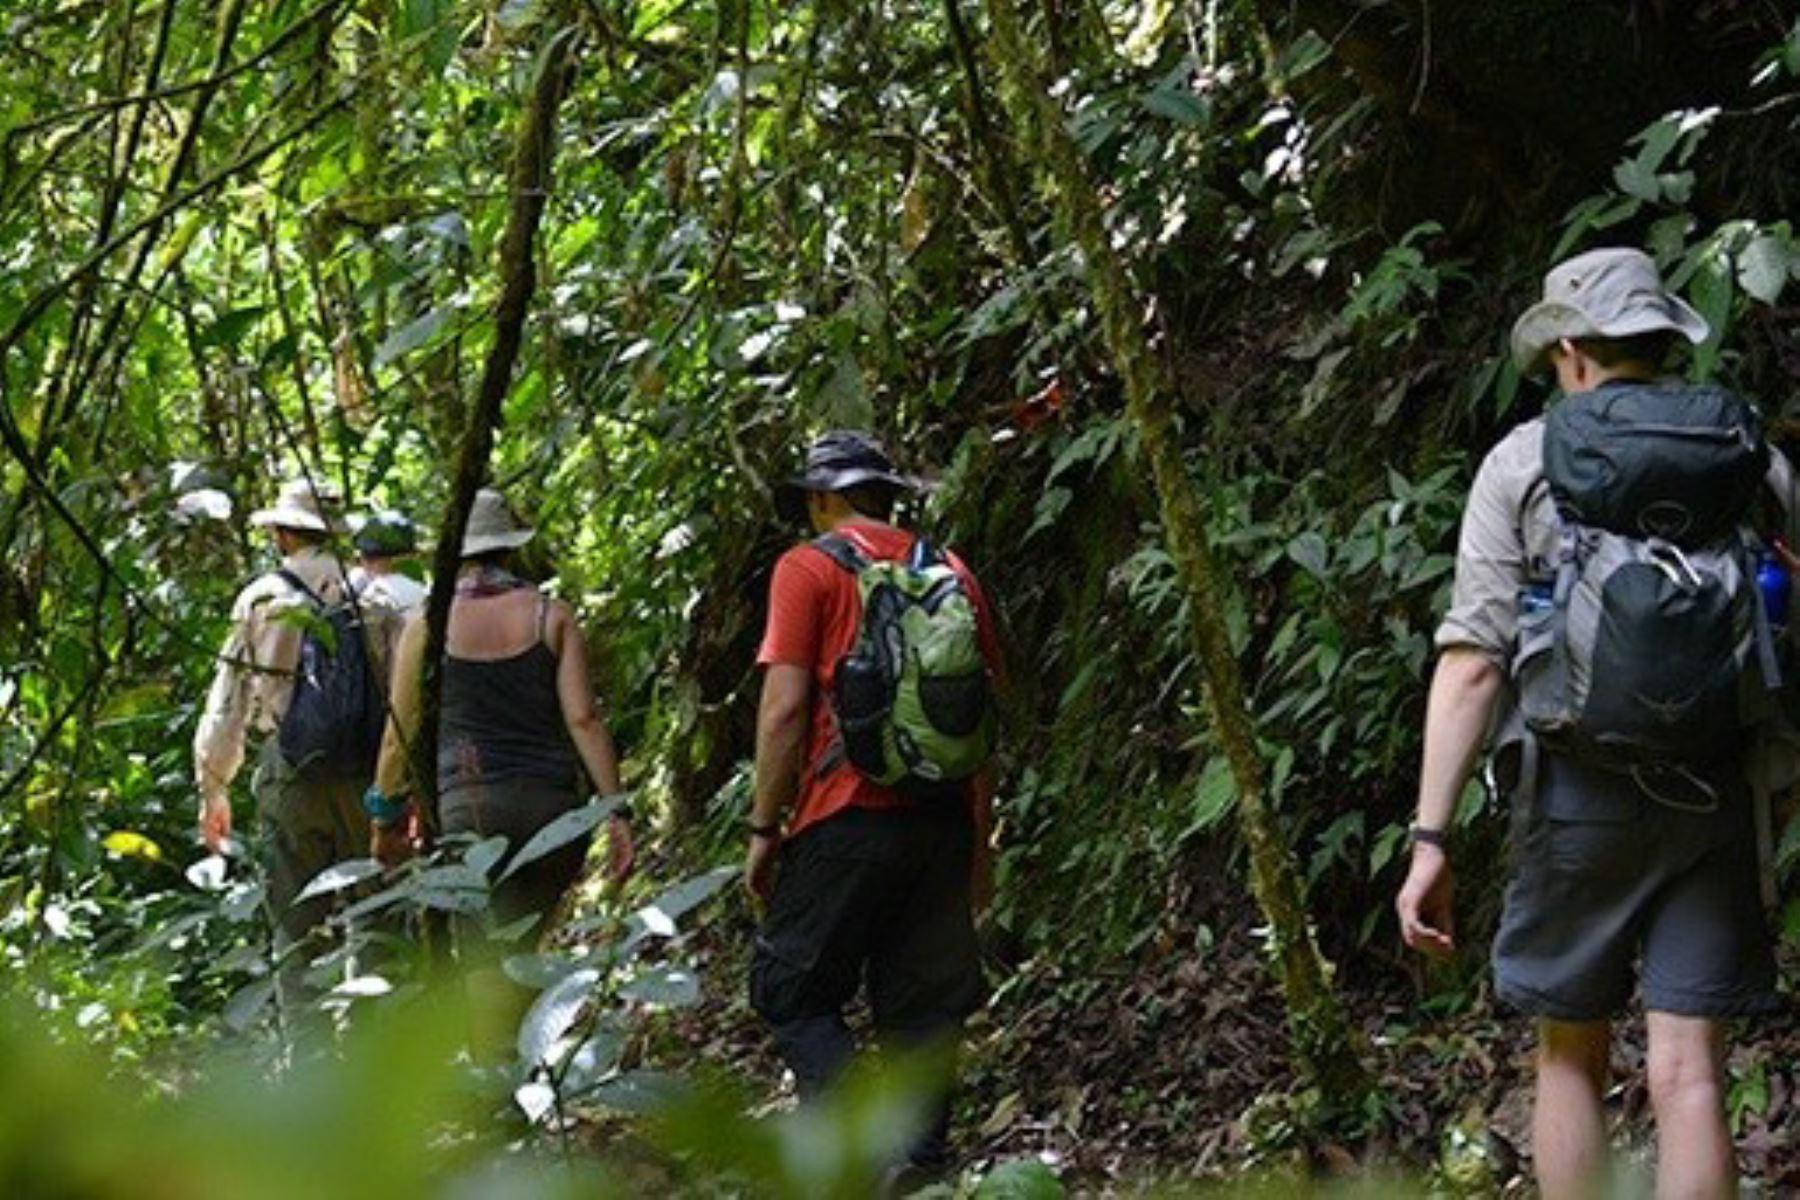 """La ciudad del Cusco será sede los días 18 y 19 de julio del foro """"Promoviendo la investigación científica de la biodiversidad en las áreas naturales protegidas"""", evento organizado por el Sernanp. ANDINA/Difusión"""